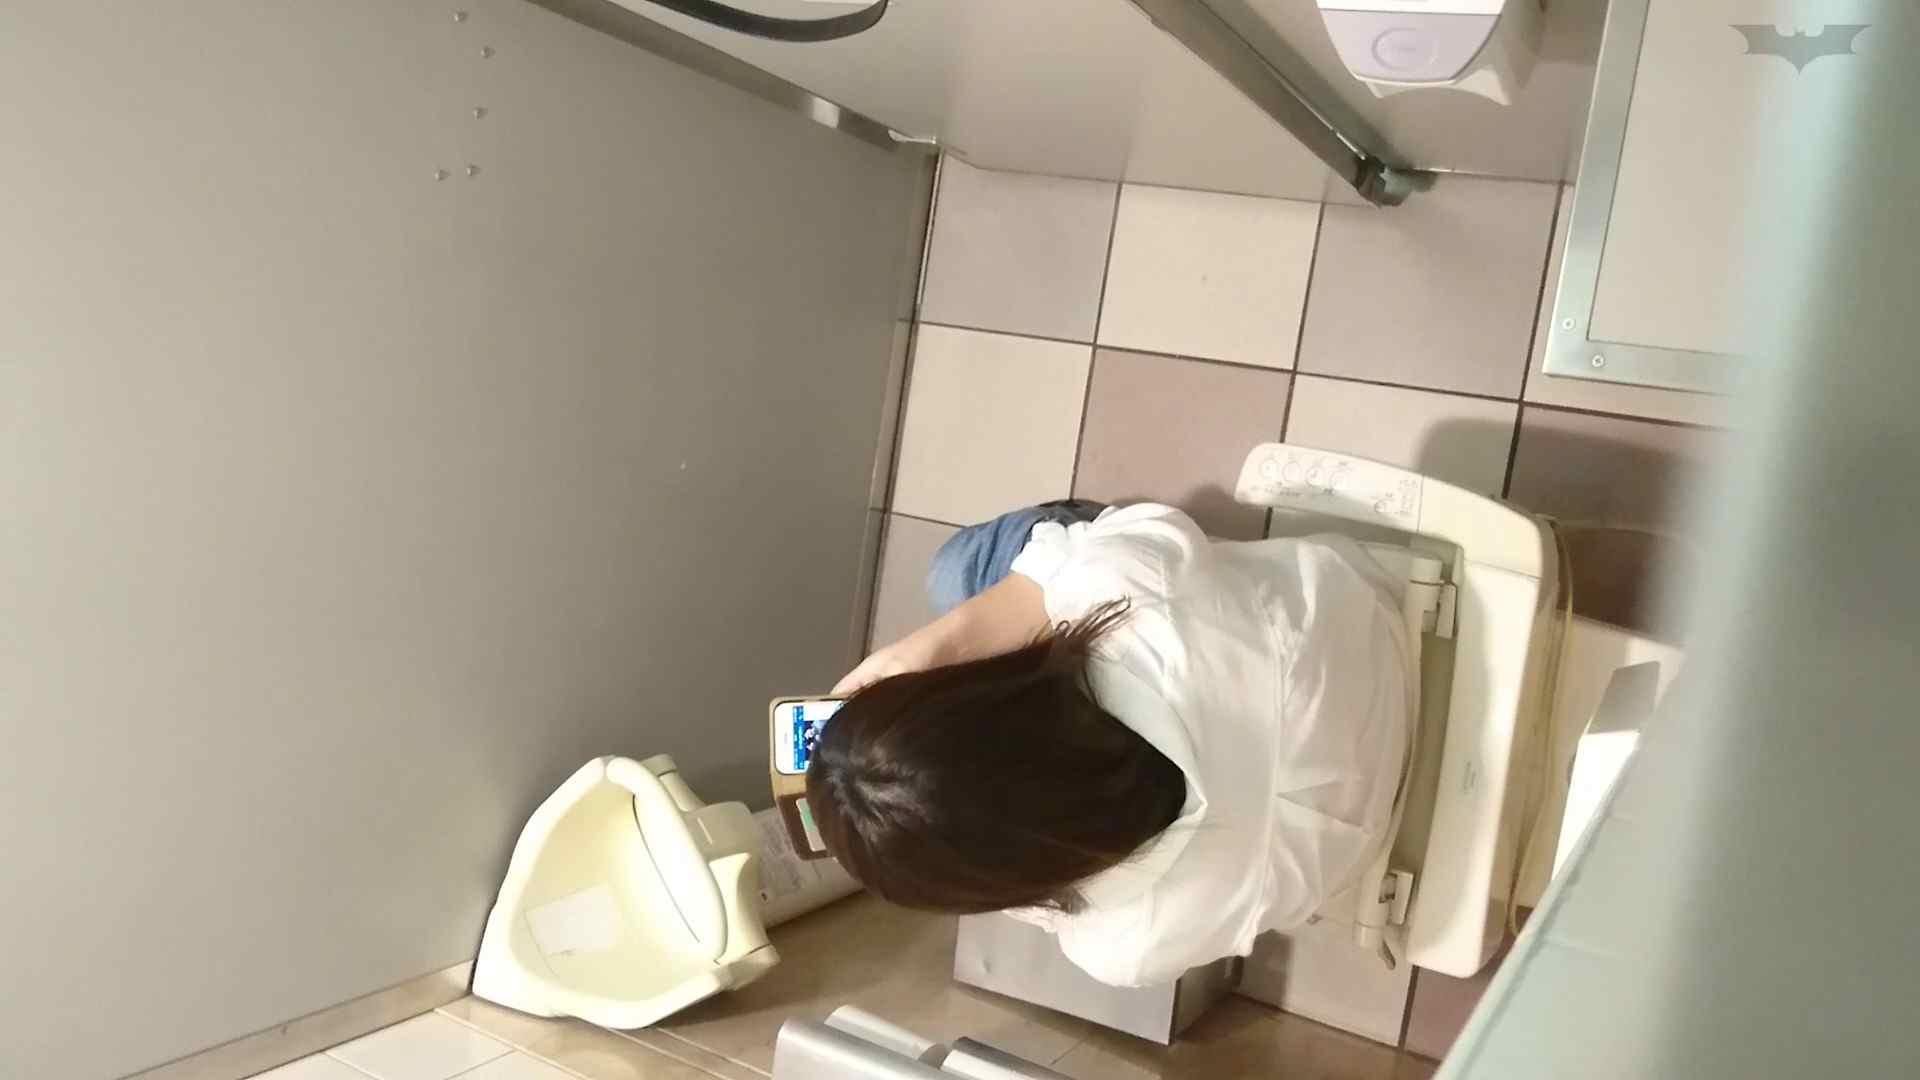 化粧室絵巻 ショッピングモール編 VOL.22 洗面所のぞき AV動画キャプチャ 111枚 85